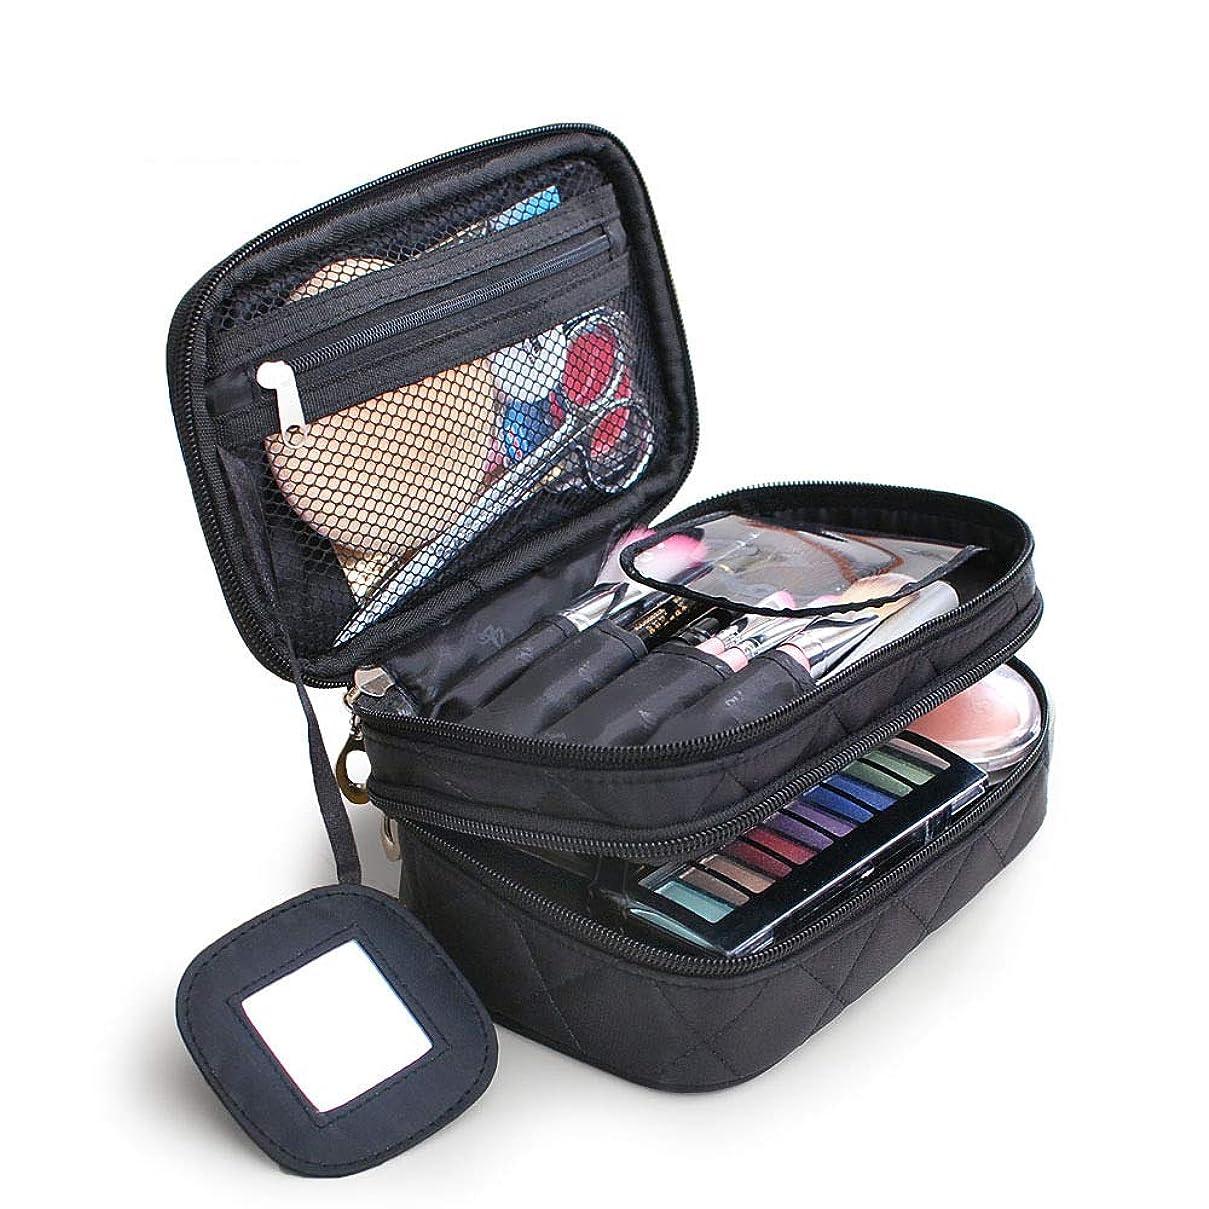 常習者逃れる詩化粧バッグ プロ 化粧箱 高品質 大容量 化粧品収納バッグ ウォッシュバッグ 防水化粧品ケースナイロンブラック化粧品袋収納袋